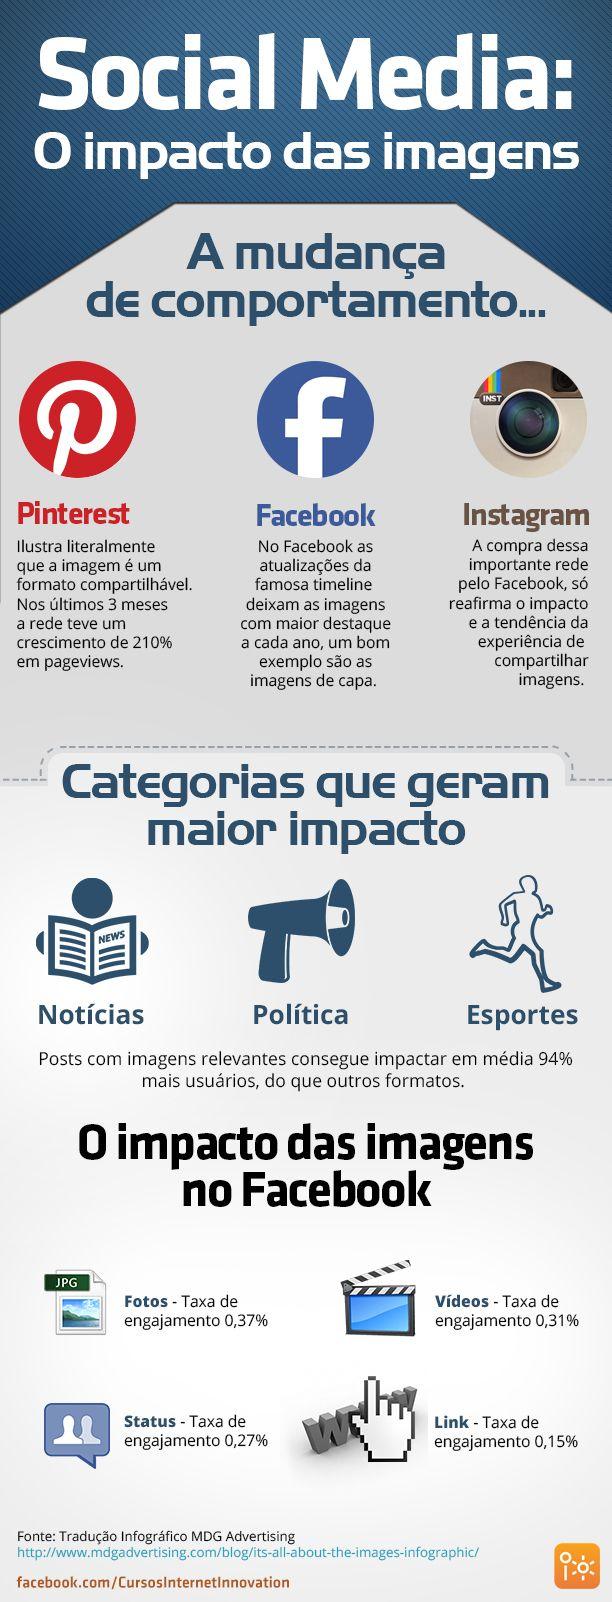 Infográfico: O impacto das imagens nas redes sociais.